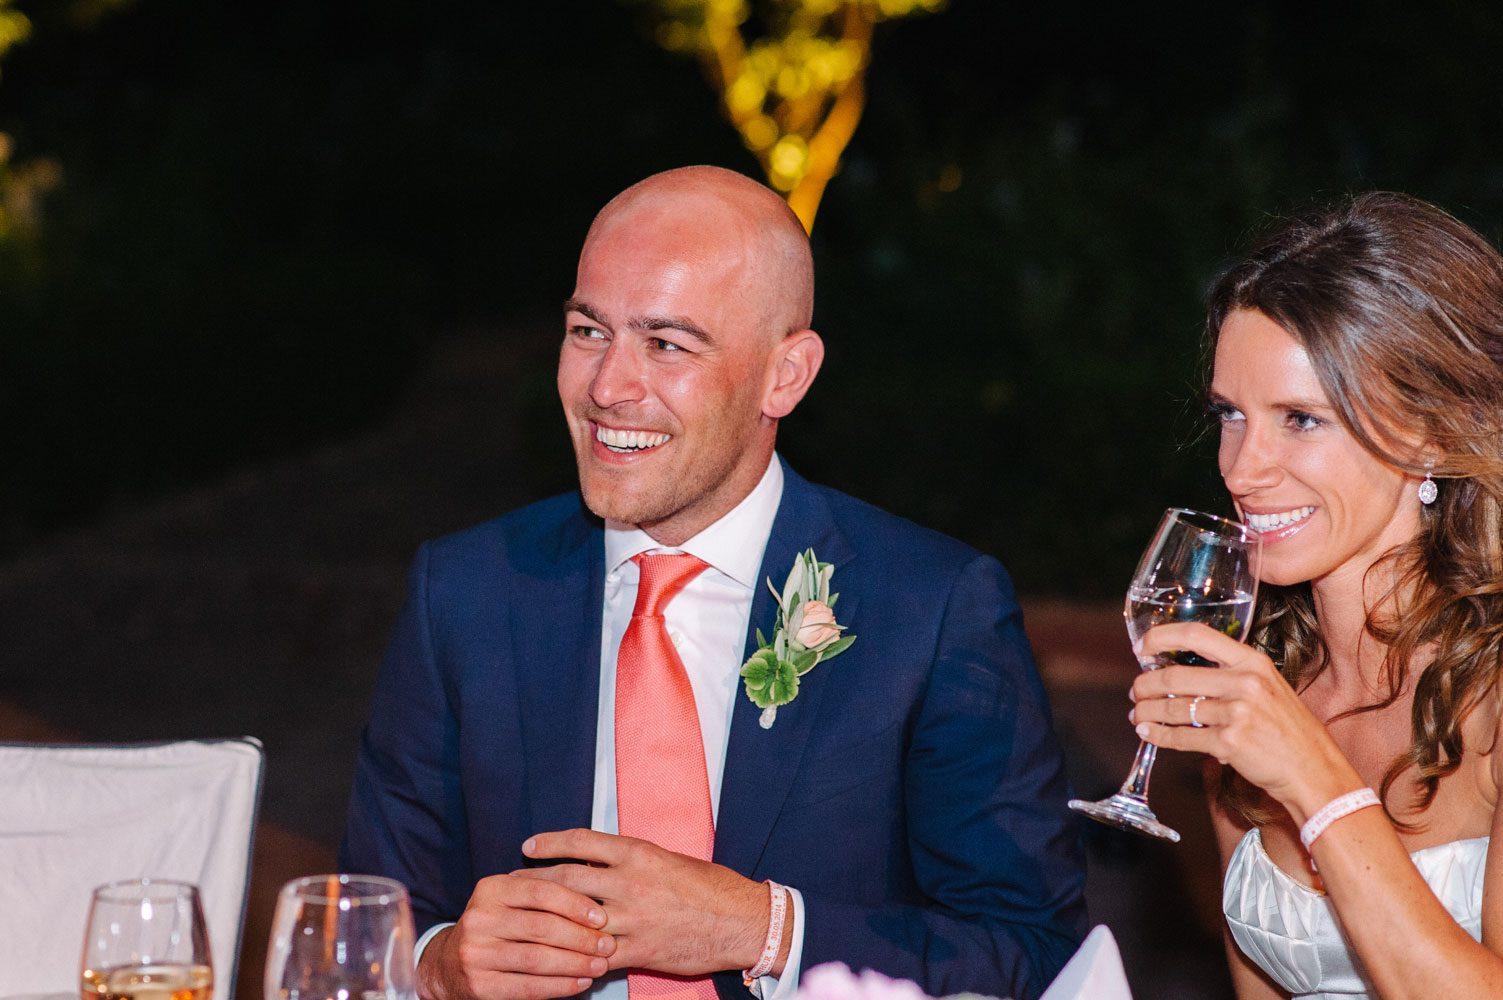 groom wearing bespoke suit at wedding